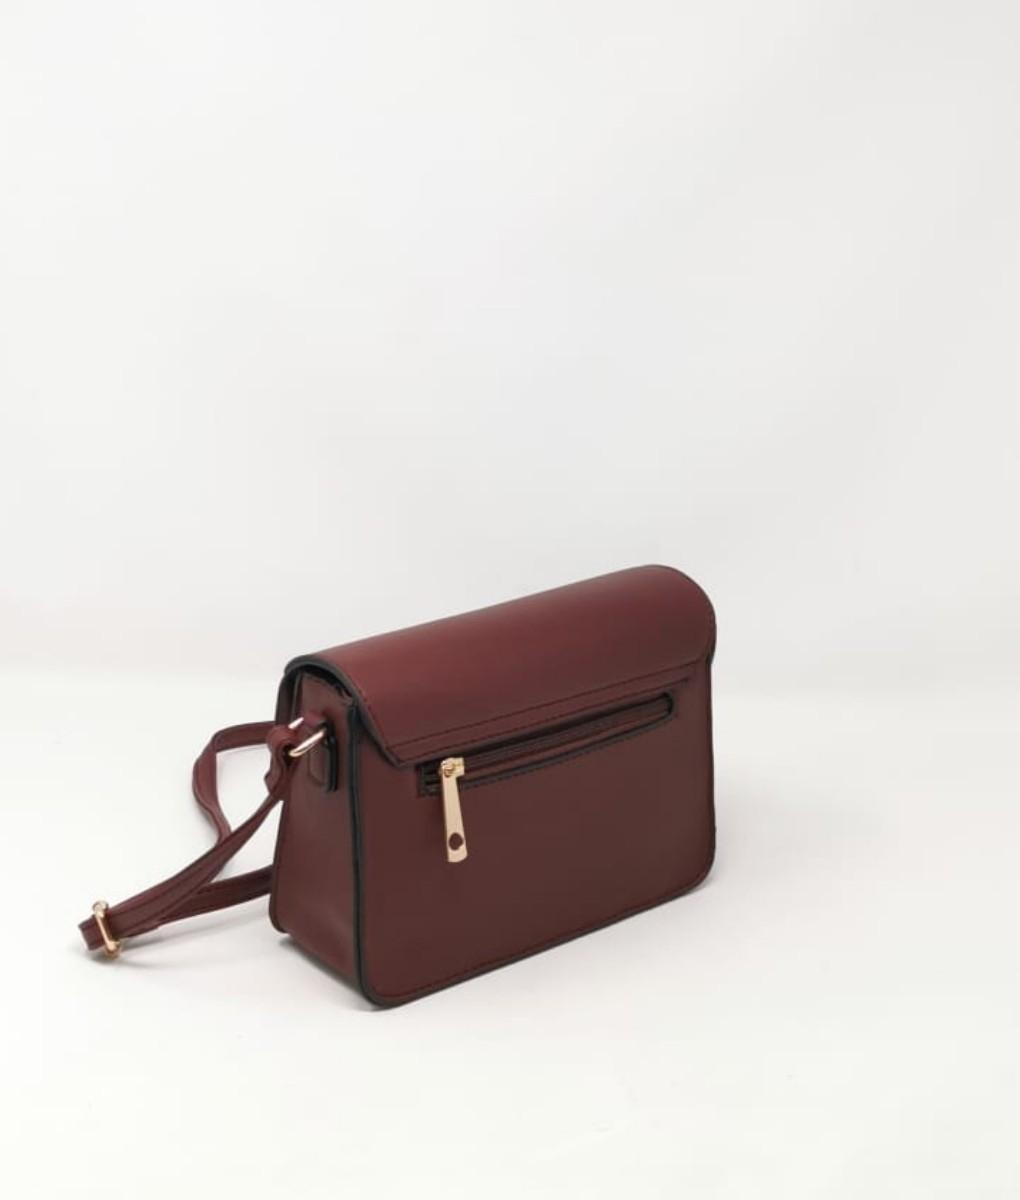 sac porté épaule salome - marron